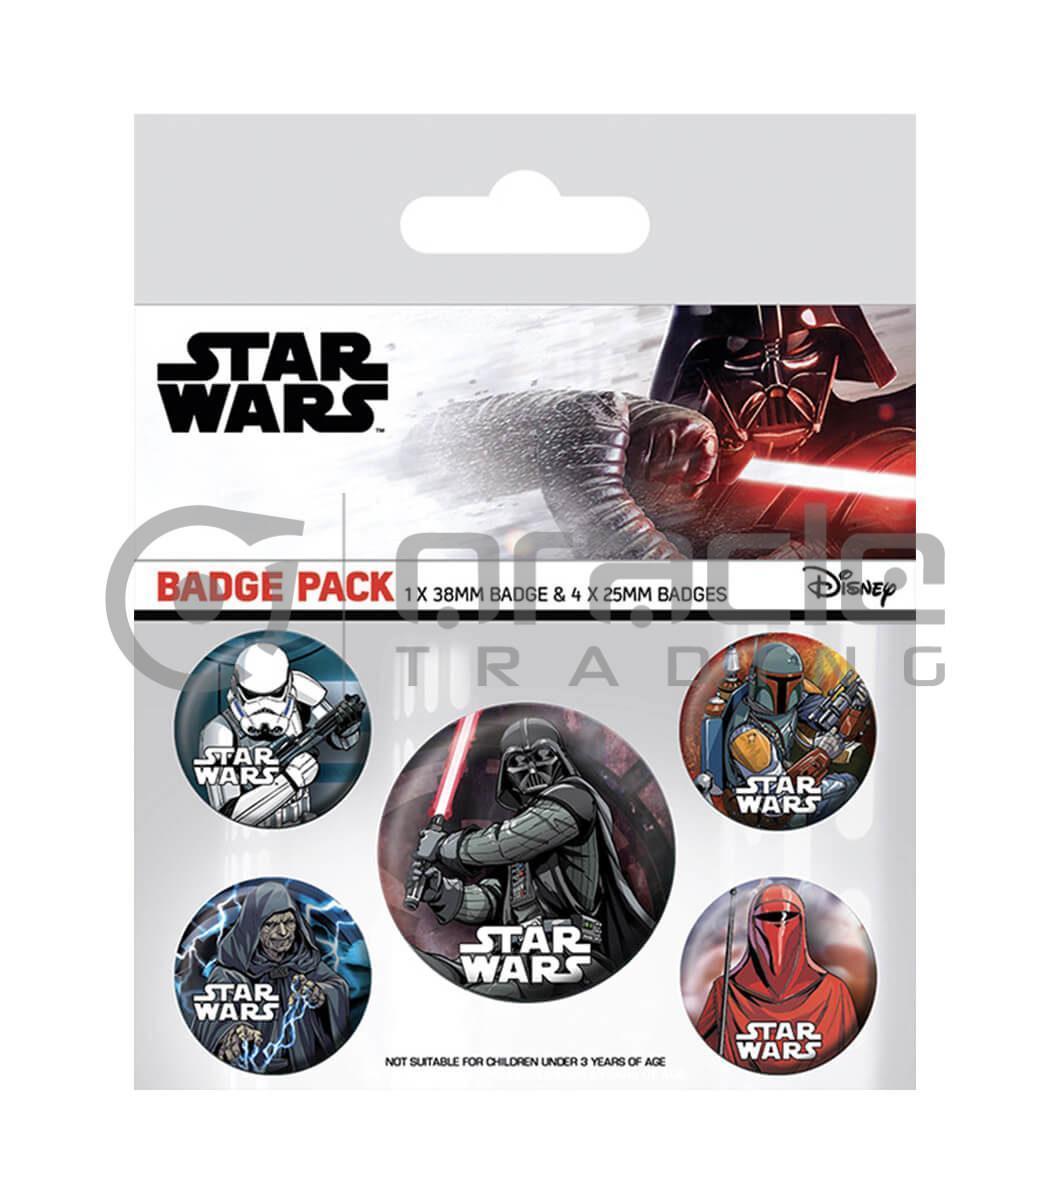 Star Wars Badge Pack - Dark Side